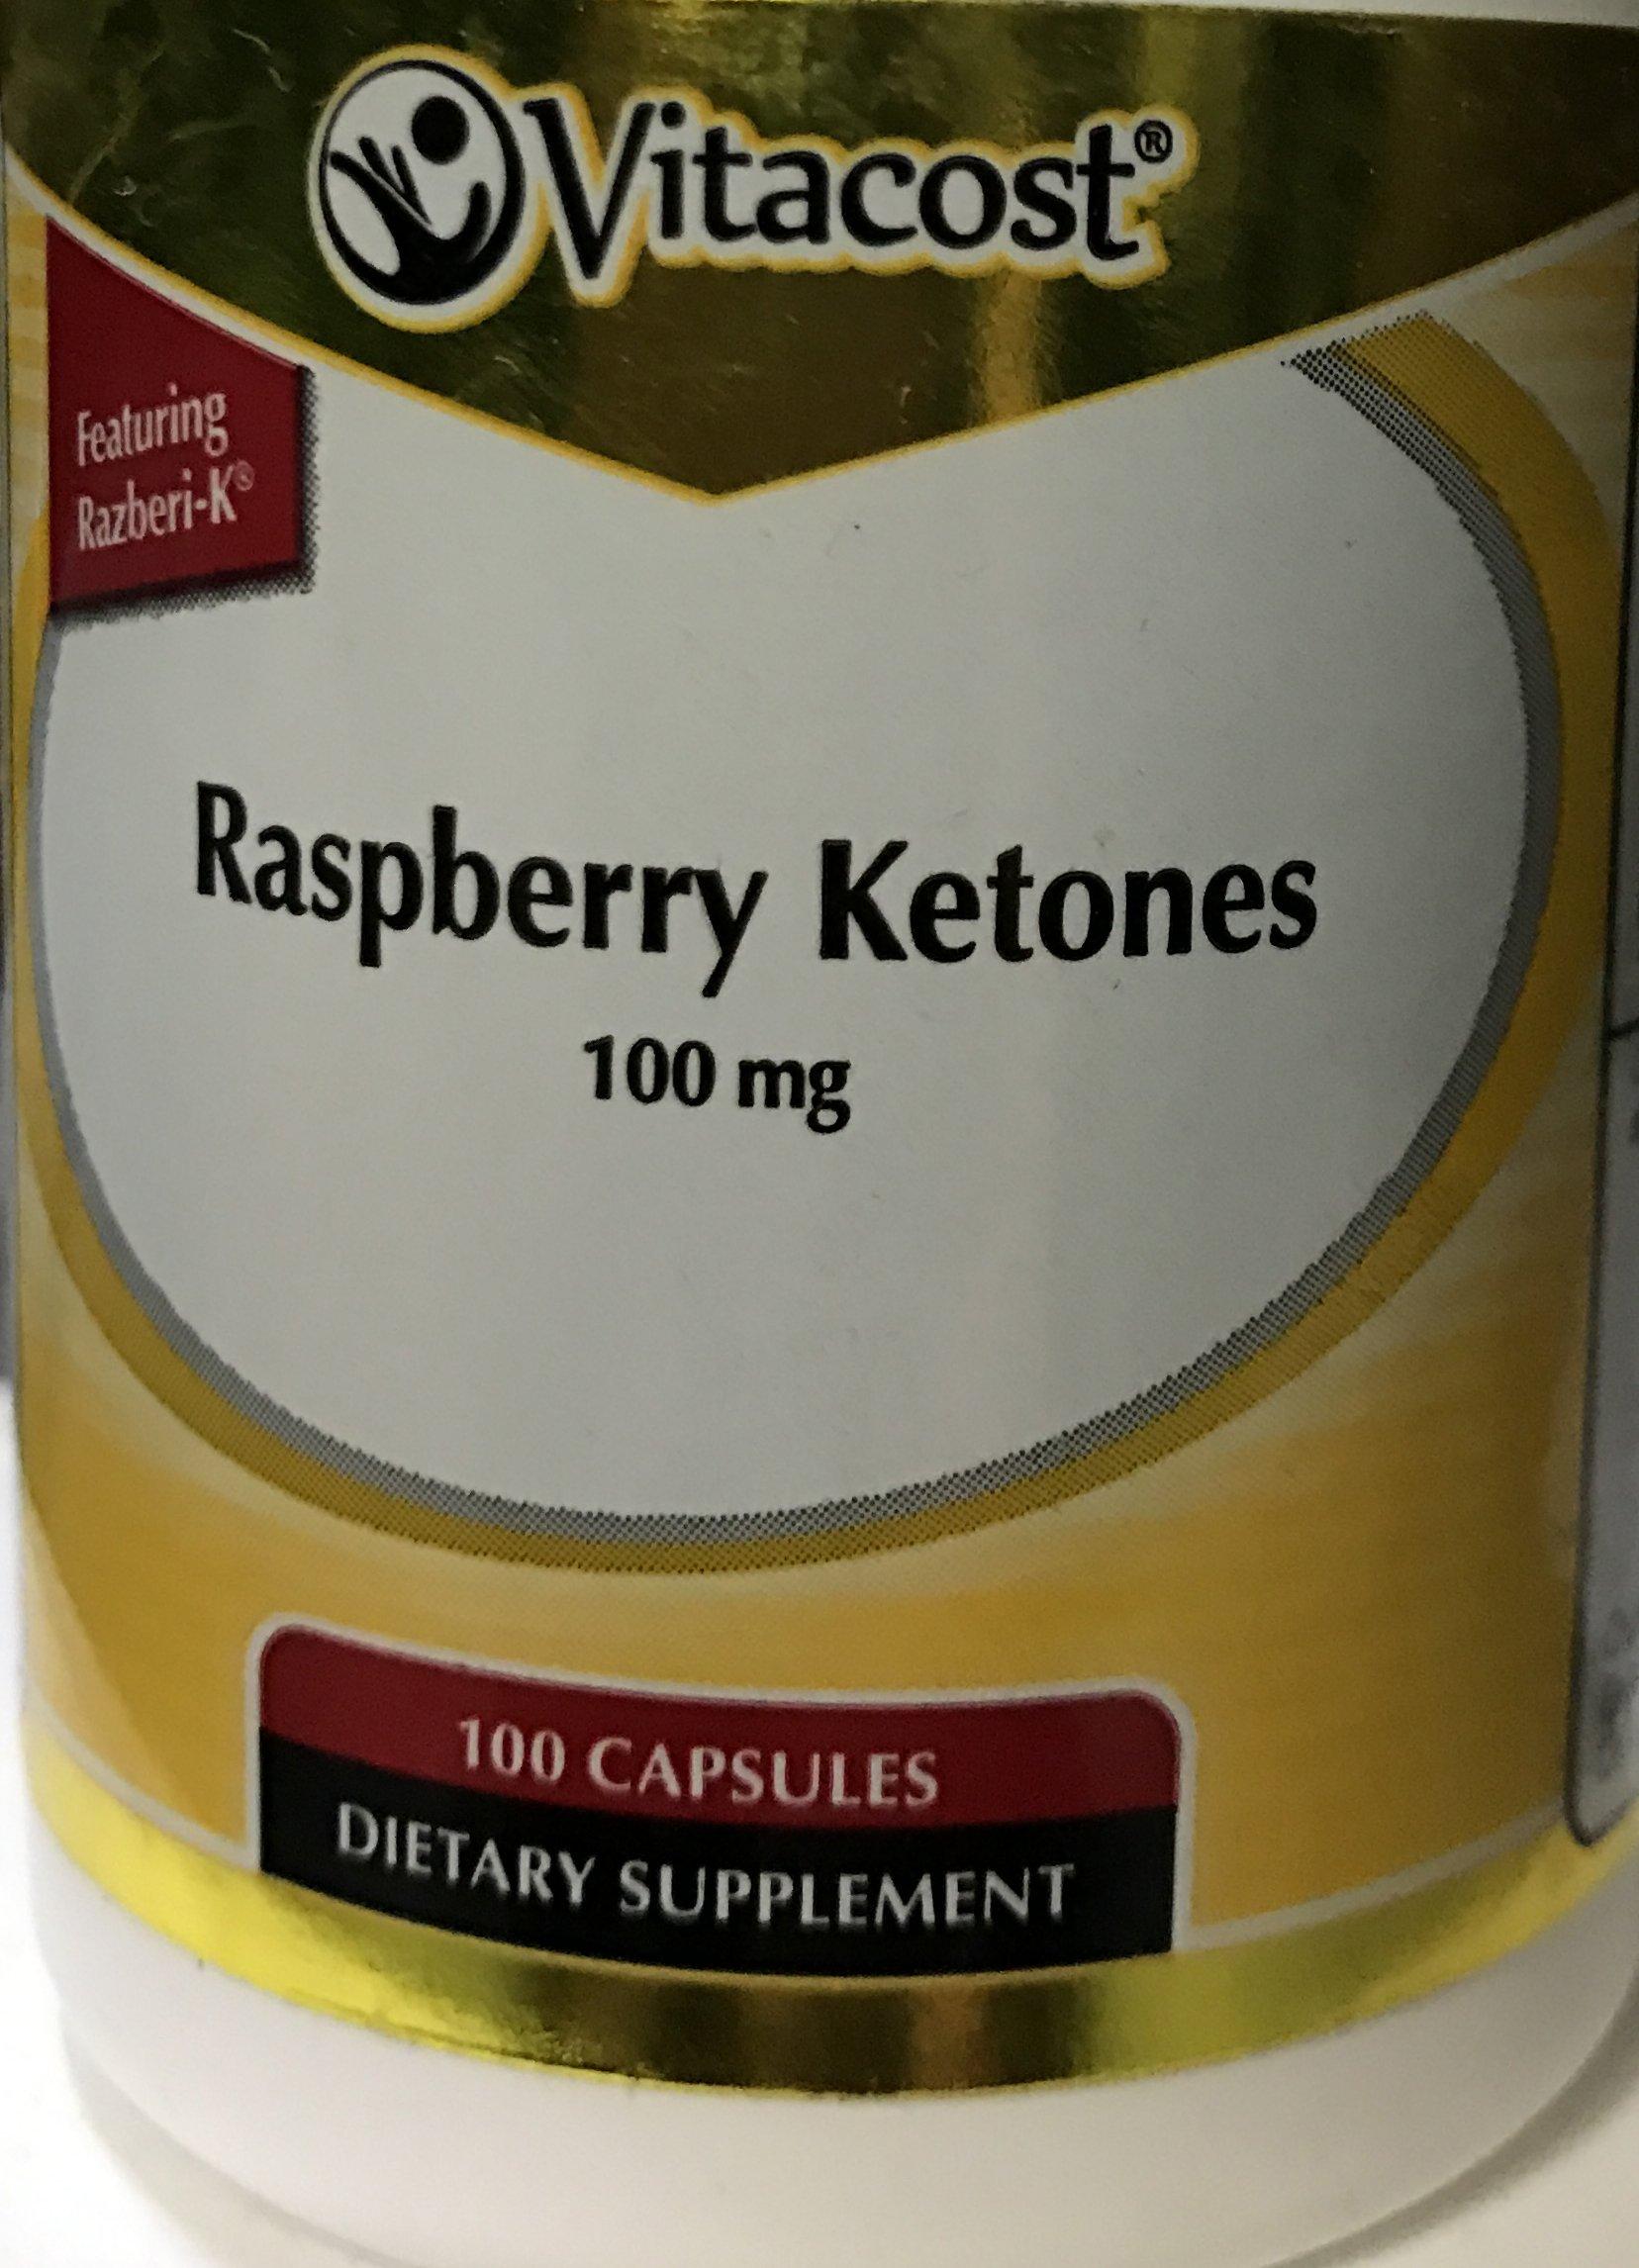 Vitacost Raspberry Ketones Featuring Razberi-K -- 100 mg - 100 Capsules by Vitacost Brand (Image #1)